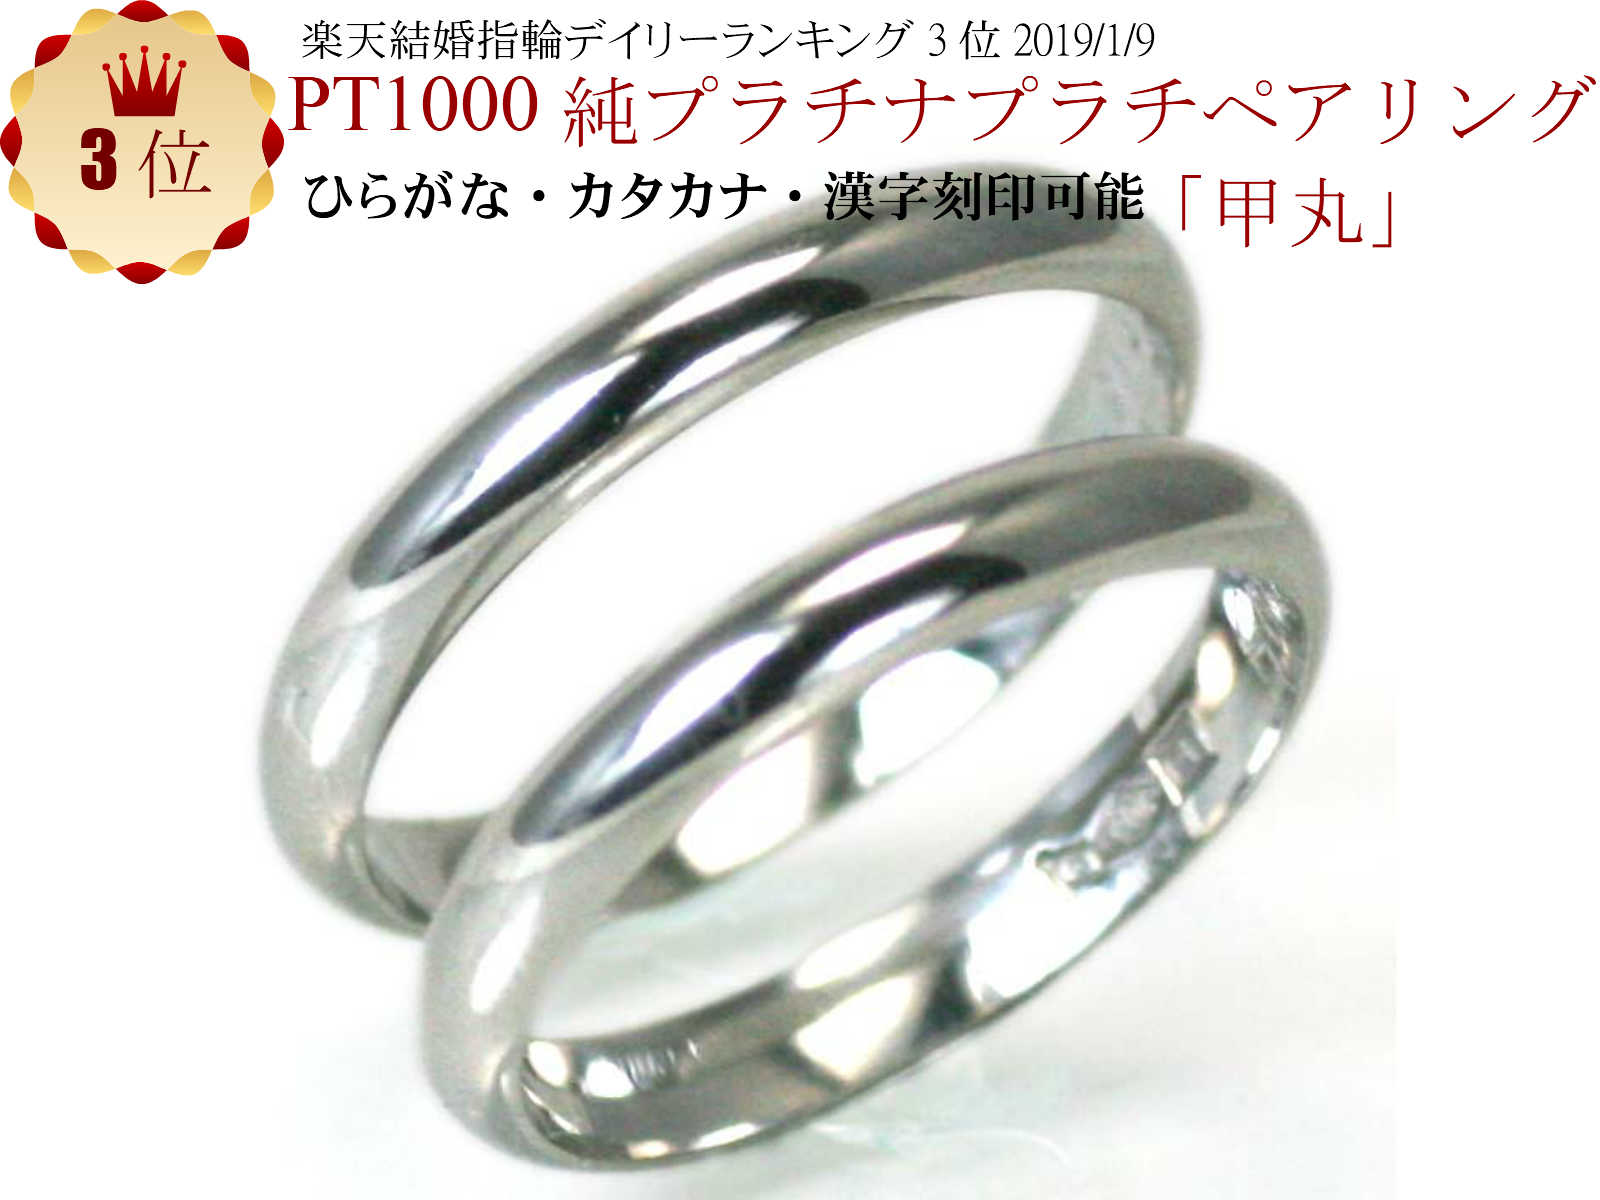 結婚指輪 マリッジリング 純プラチナ 甲丸 pt1000 (pt999) プラチナ ペアリング 2本セット 財務省造幣局検定マーク ホールマーク 入り プラチナリング 【はこぽす対応商品】 02P03Dec16 【スペシャルセール】